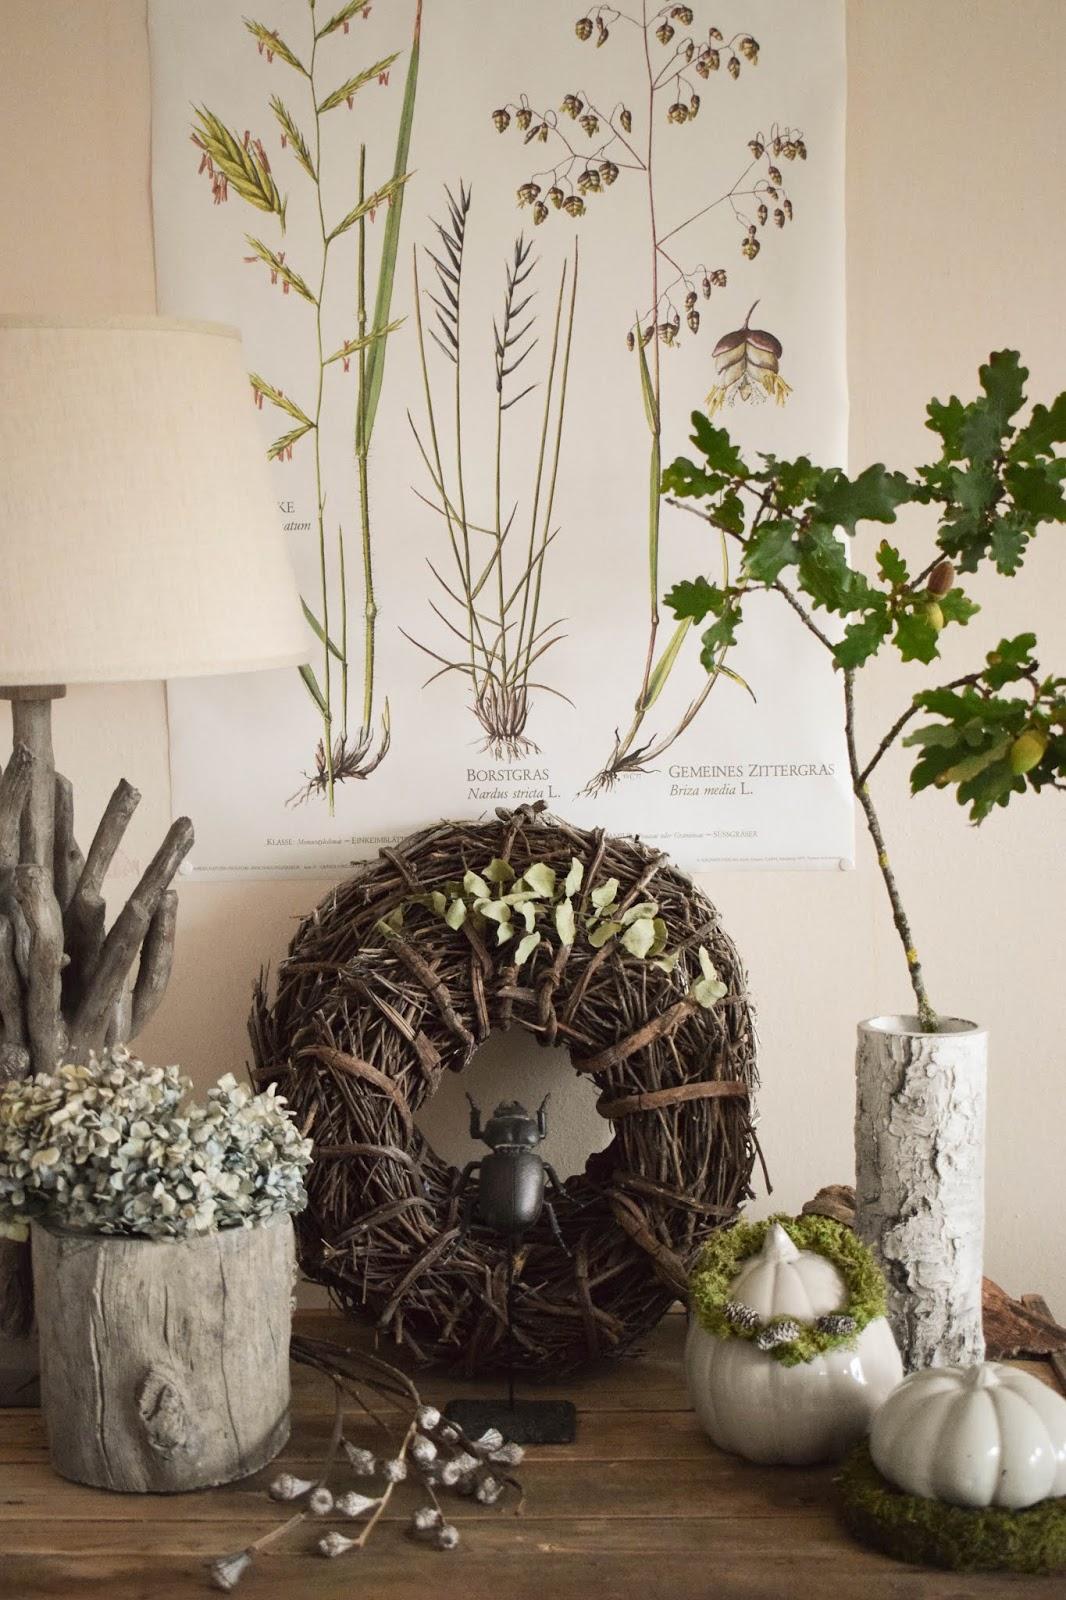 Deko Herbst für Konsole und Sideboard mit Eicheln. Herbstdeko Dekoidee Wohnzimmer Dekoration eiche eicheln botanisch natuerlich dekorieren 9